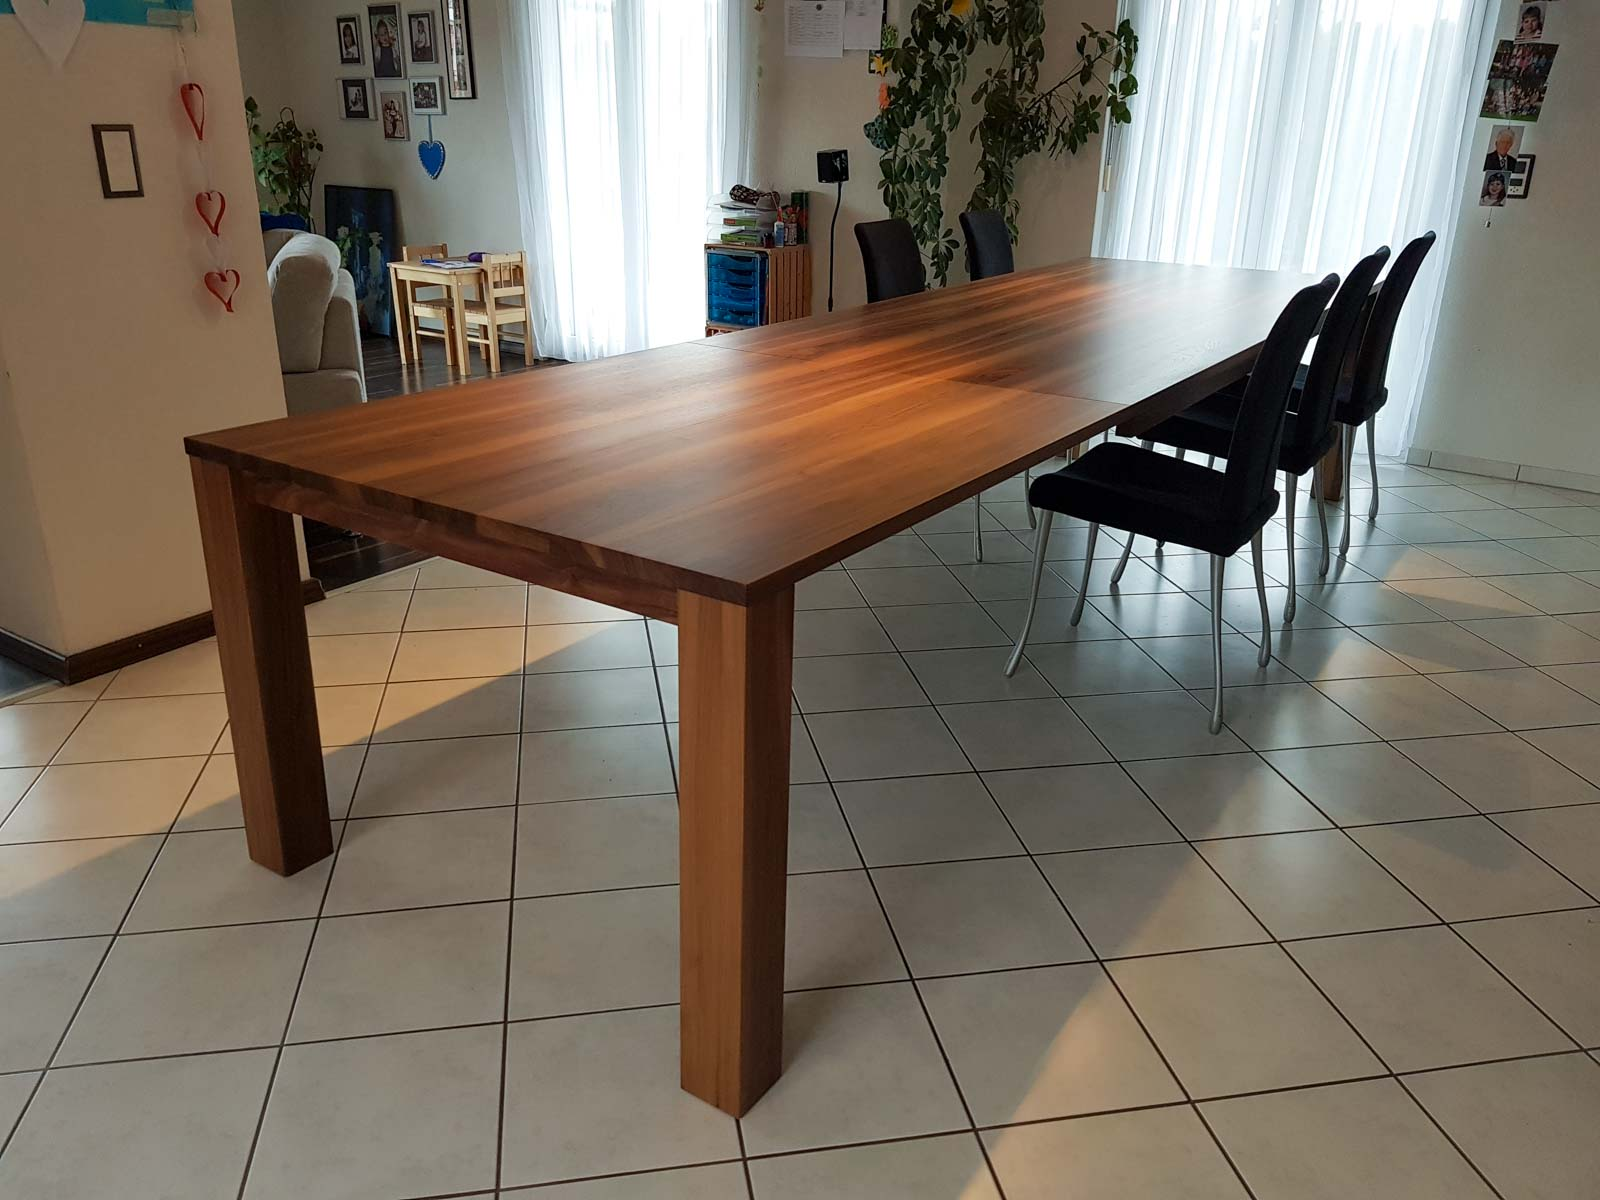 Wooddesign_Nussbaum massiv_ausziehbar_Ausziehtisch_Tischeinlage unter dem Tisch (5)